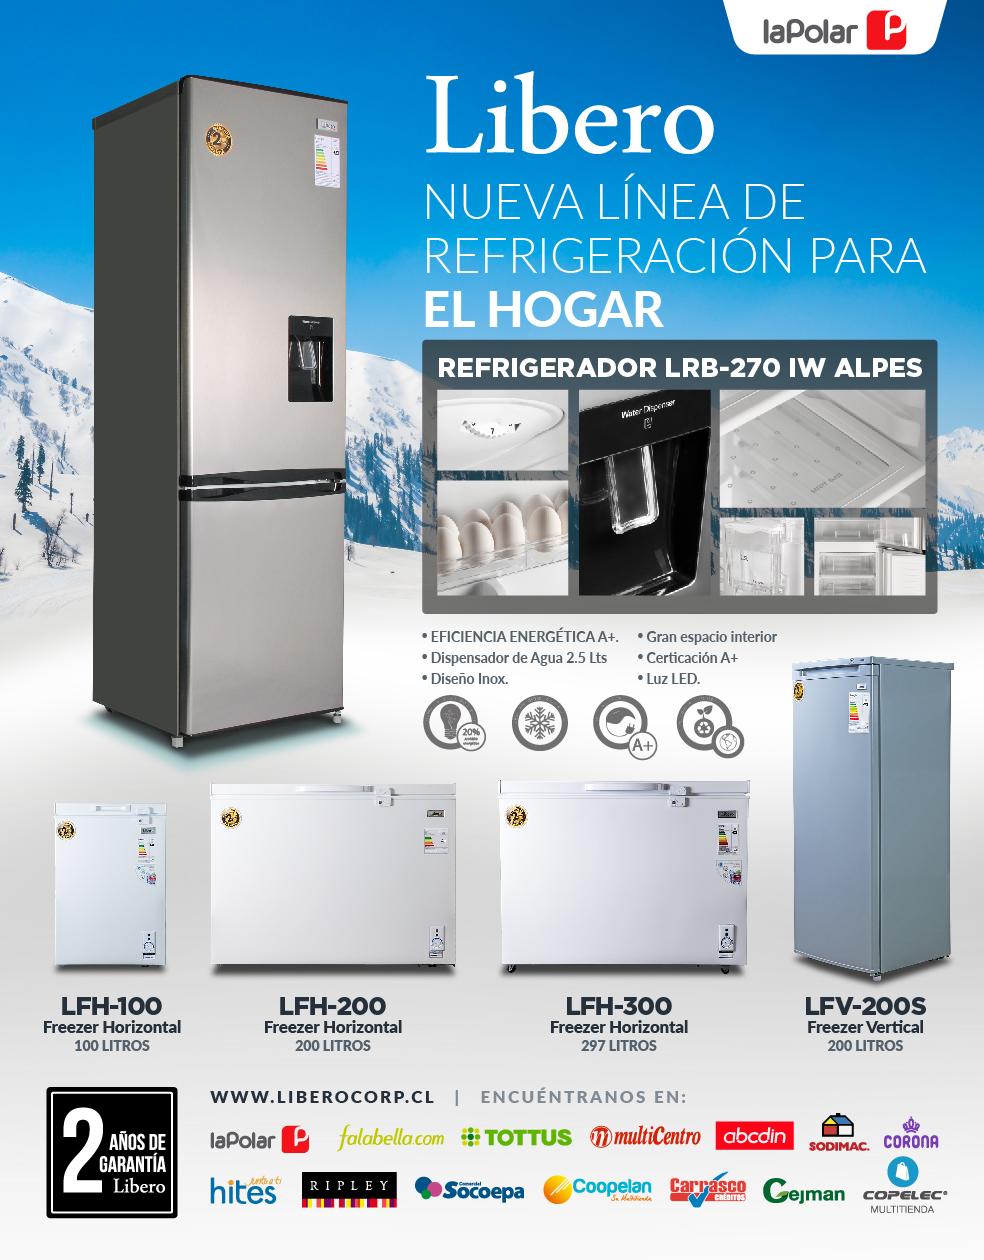 Libero- nueva linea de refrigeración para el hogar